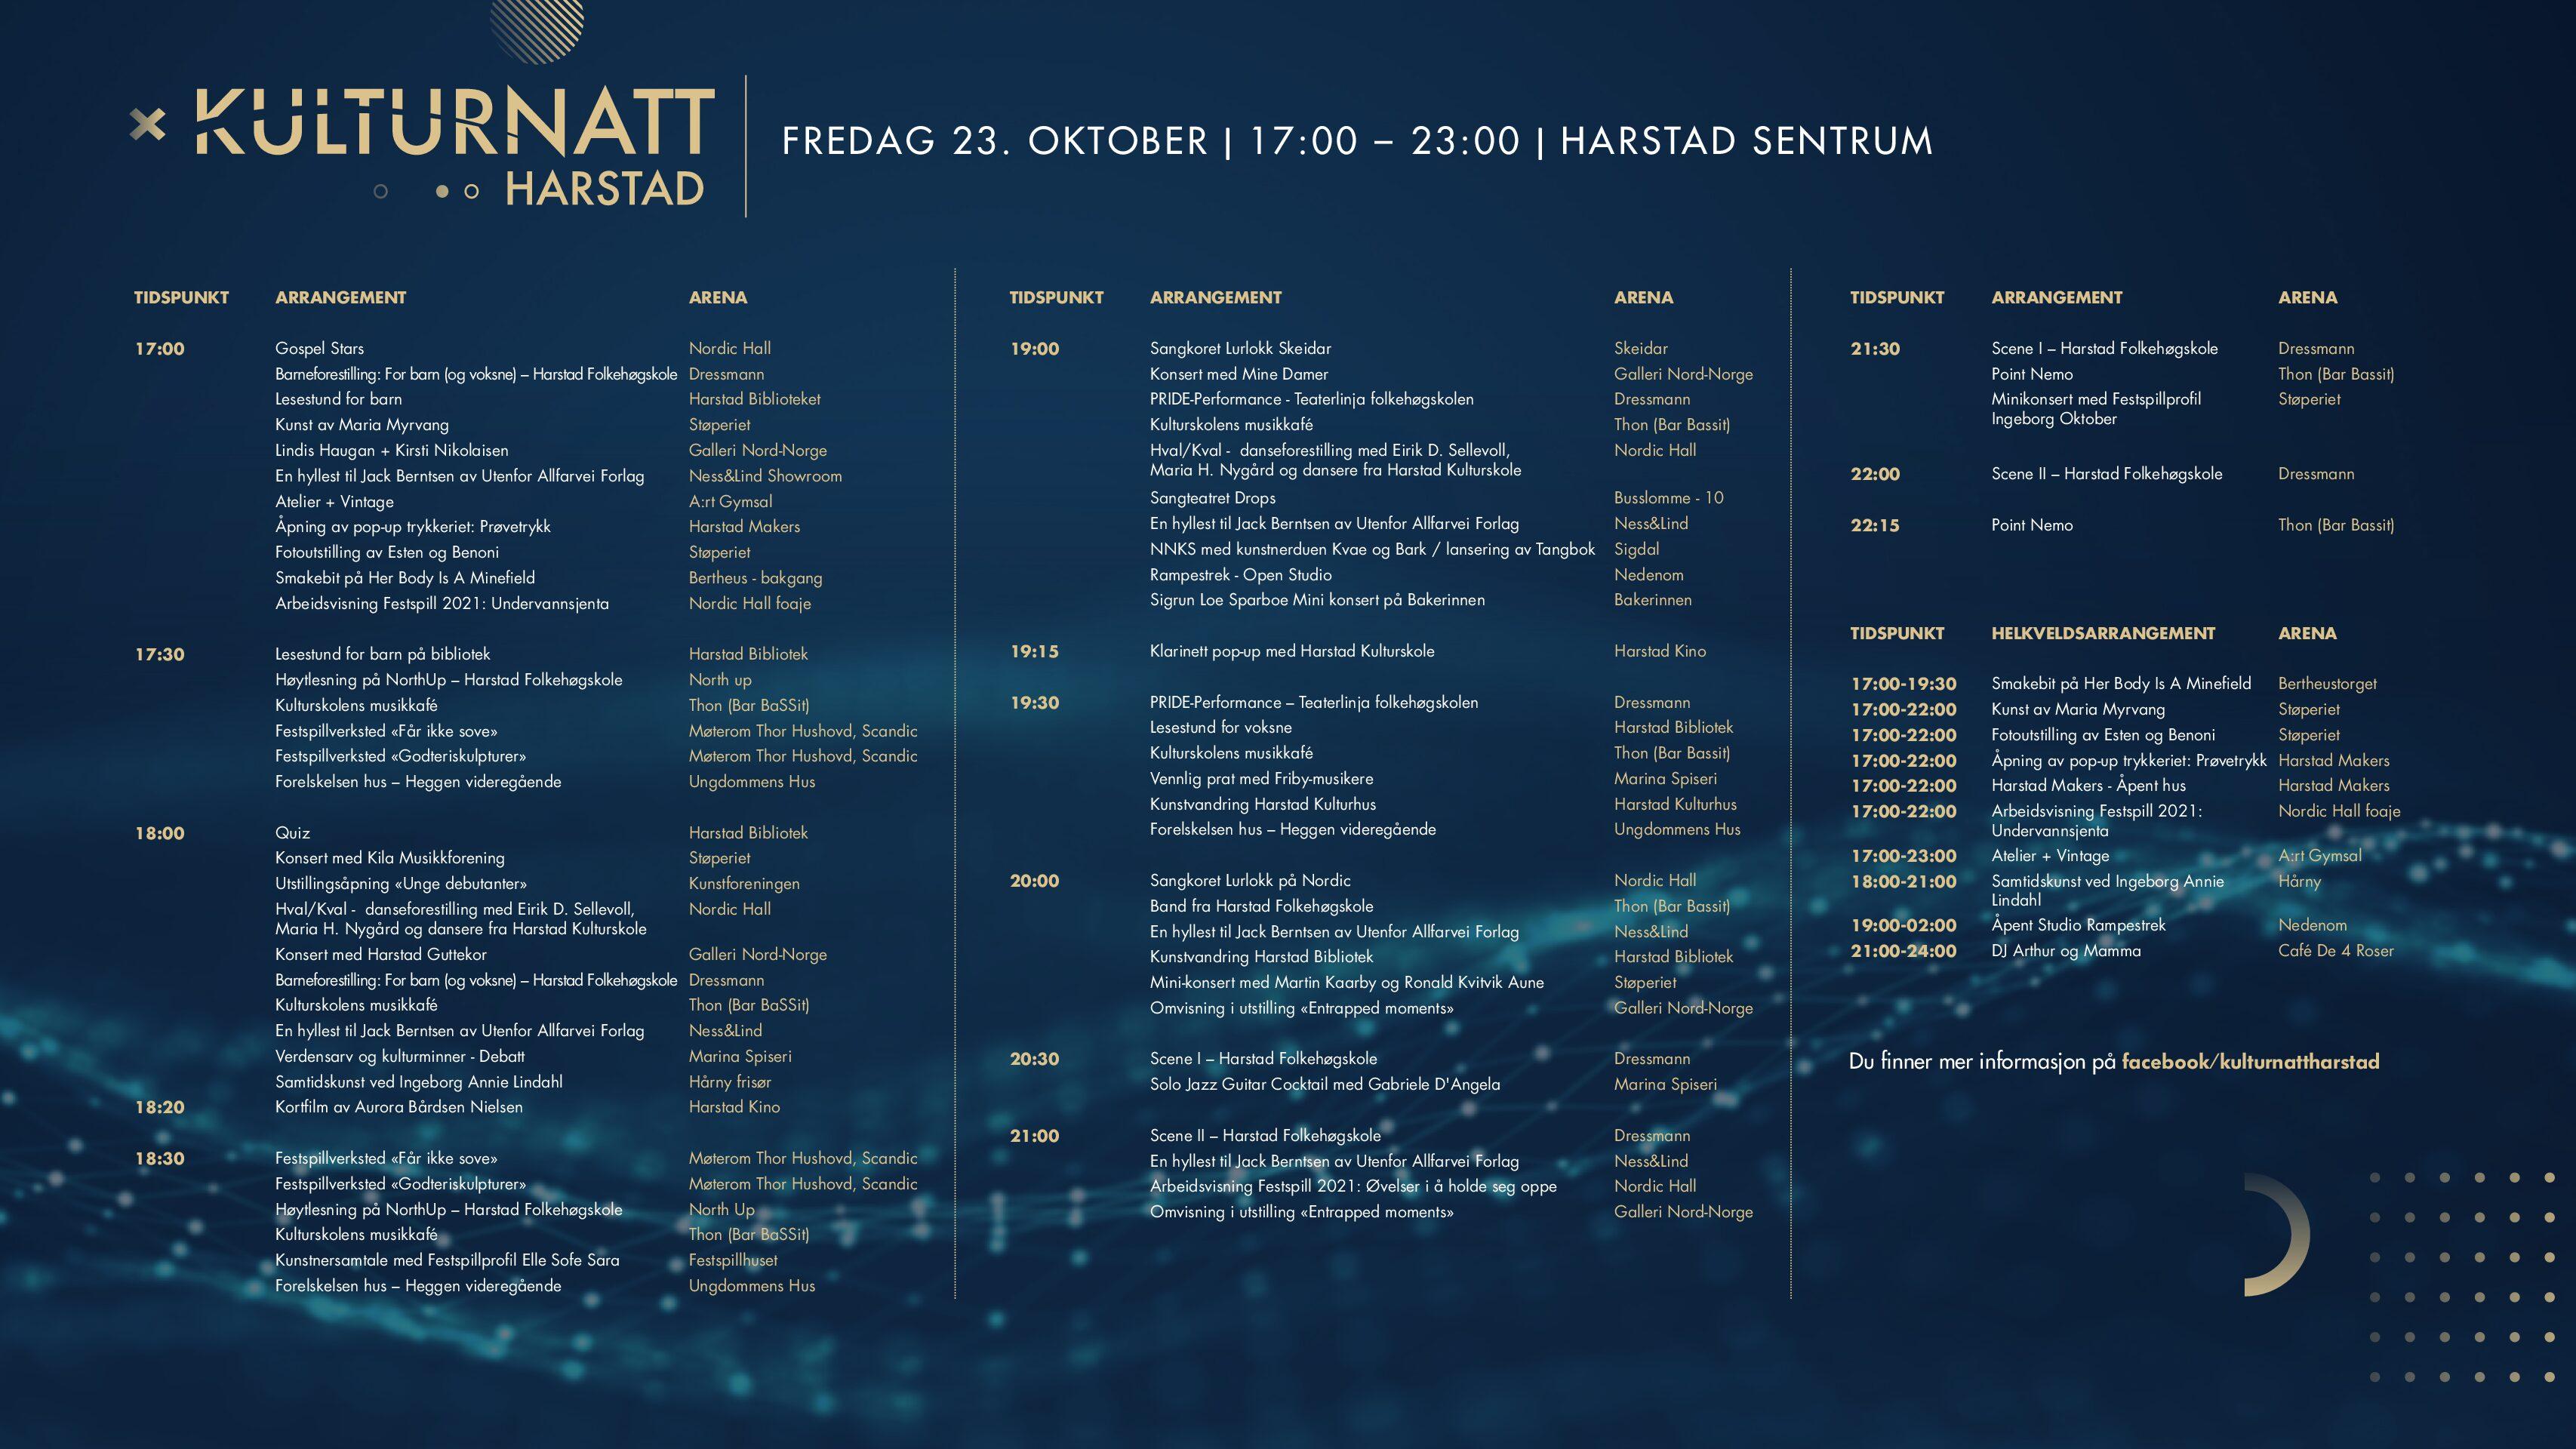 Kulturnatt fredag 23. oktober